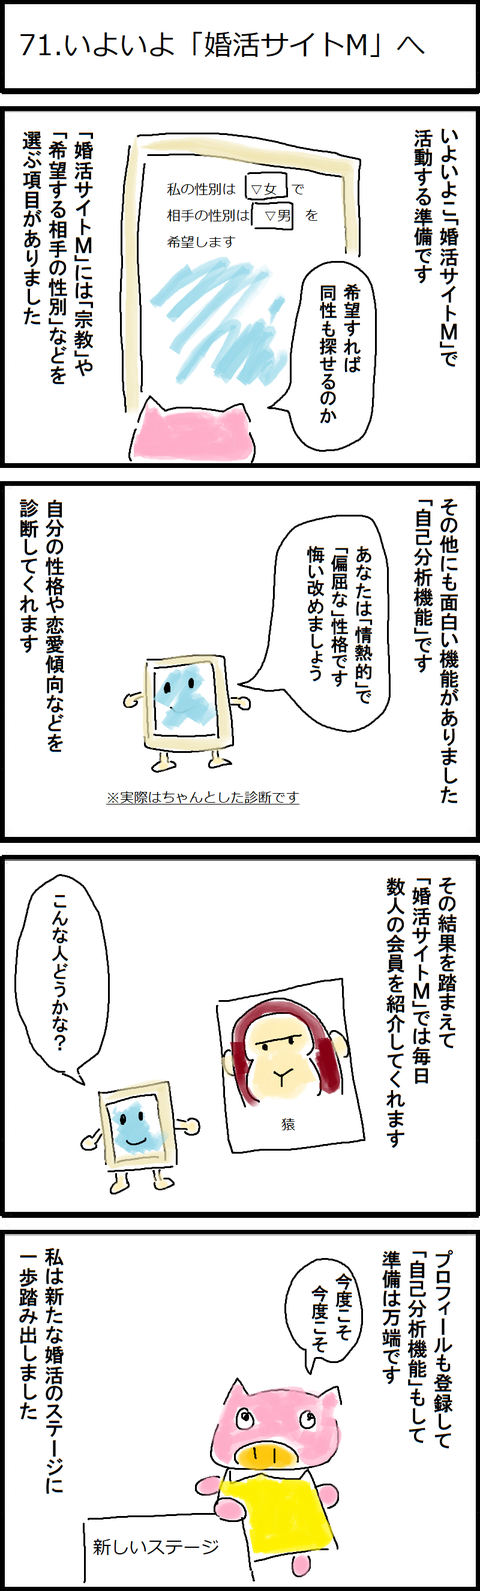 71.いよいよ「婚活サイトM」へ